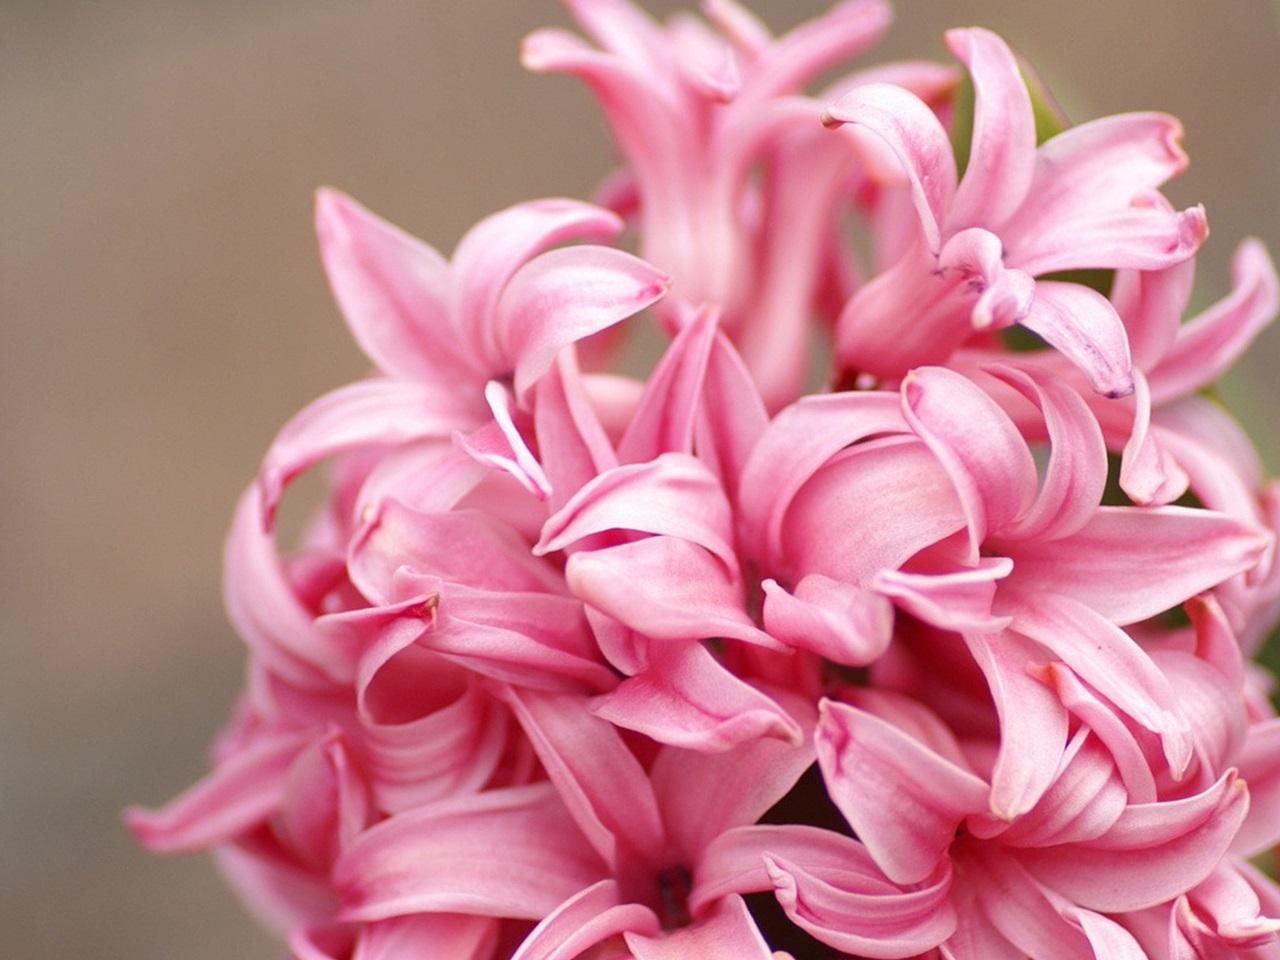 розовый гиацинт фото 2